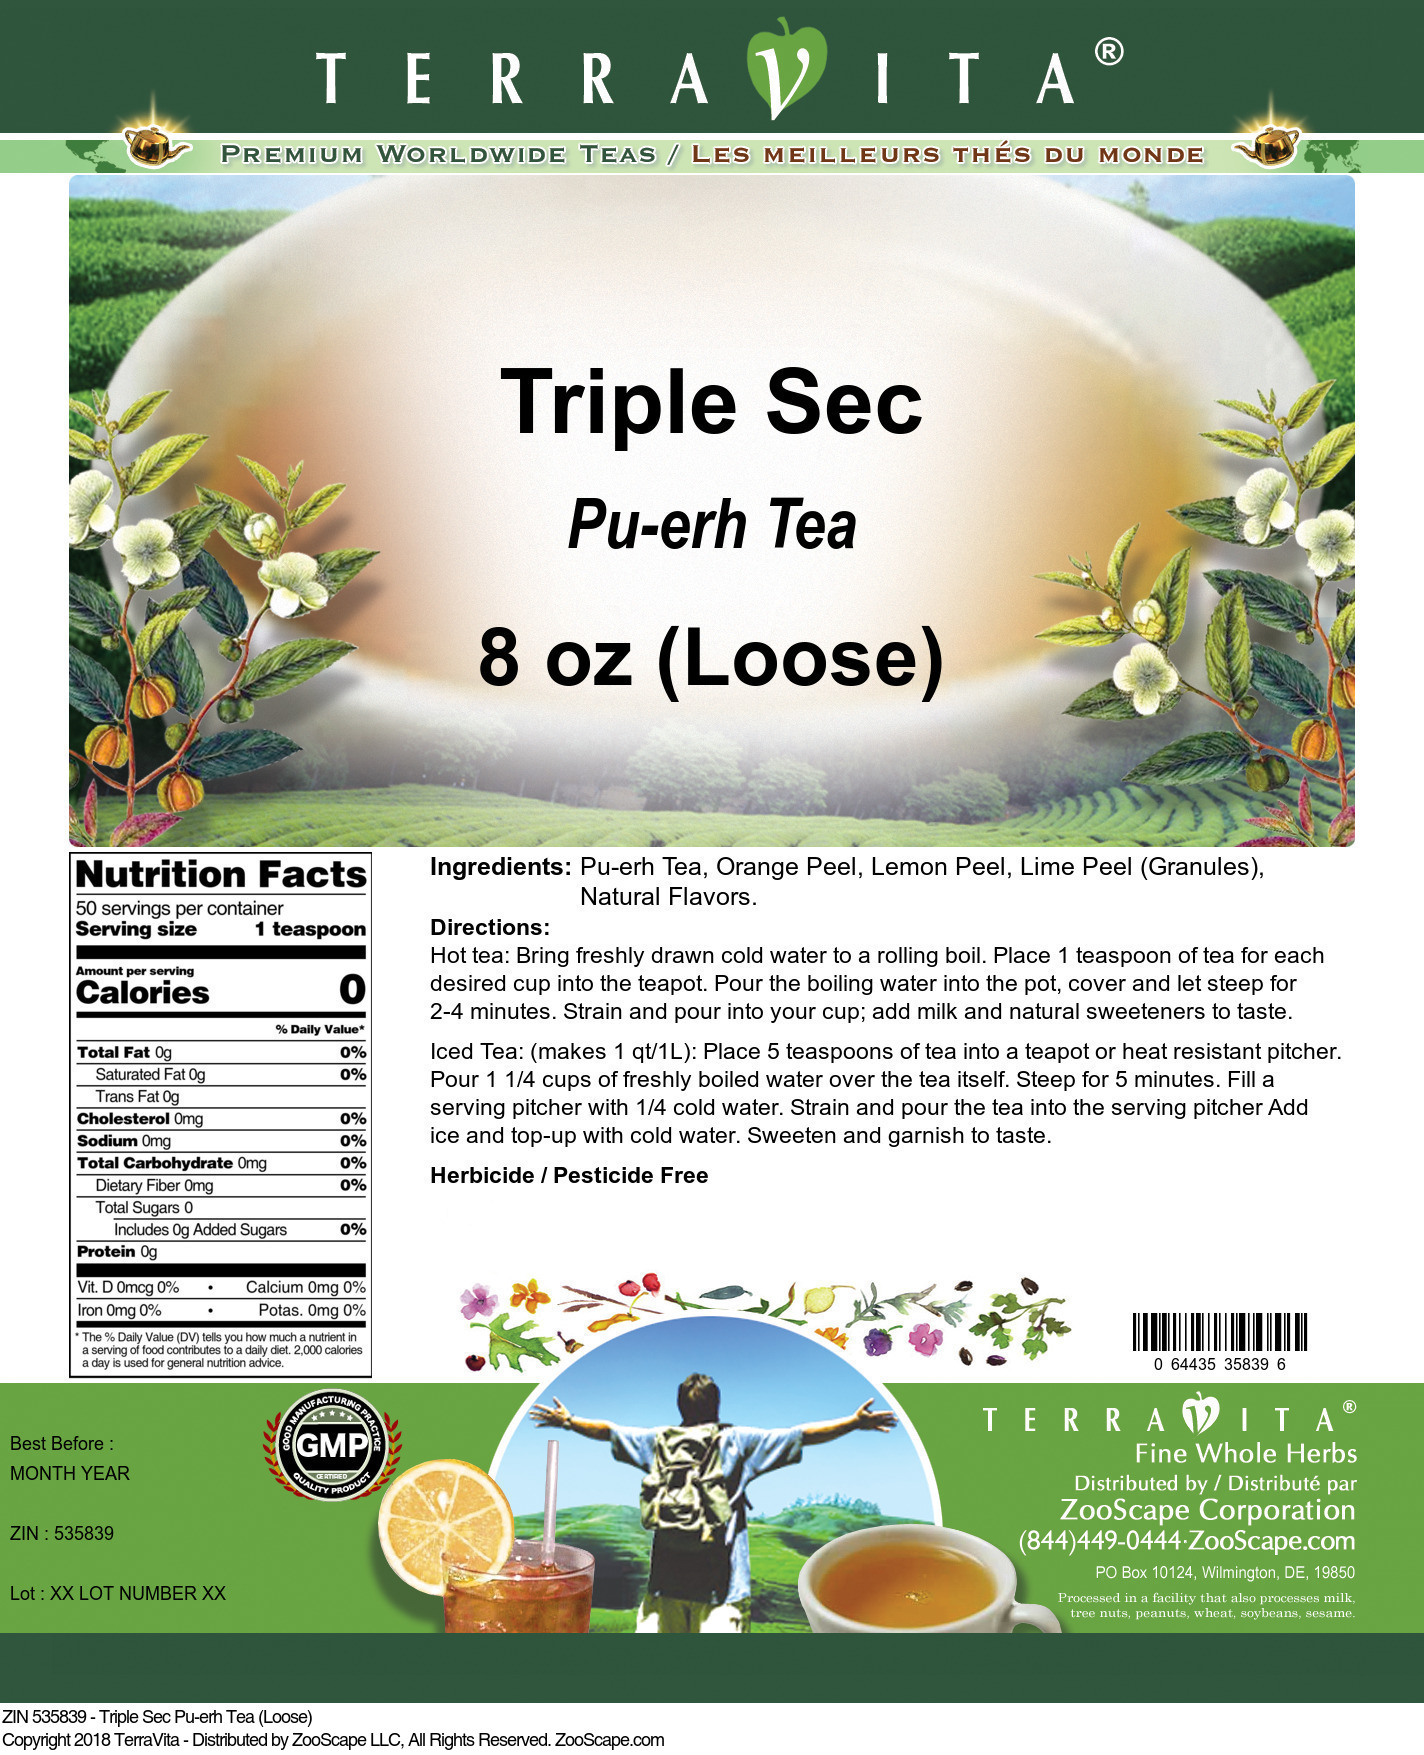 Triple Sec Pu-erh Tea (Loose)